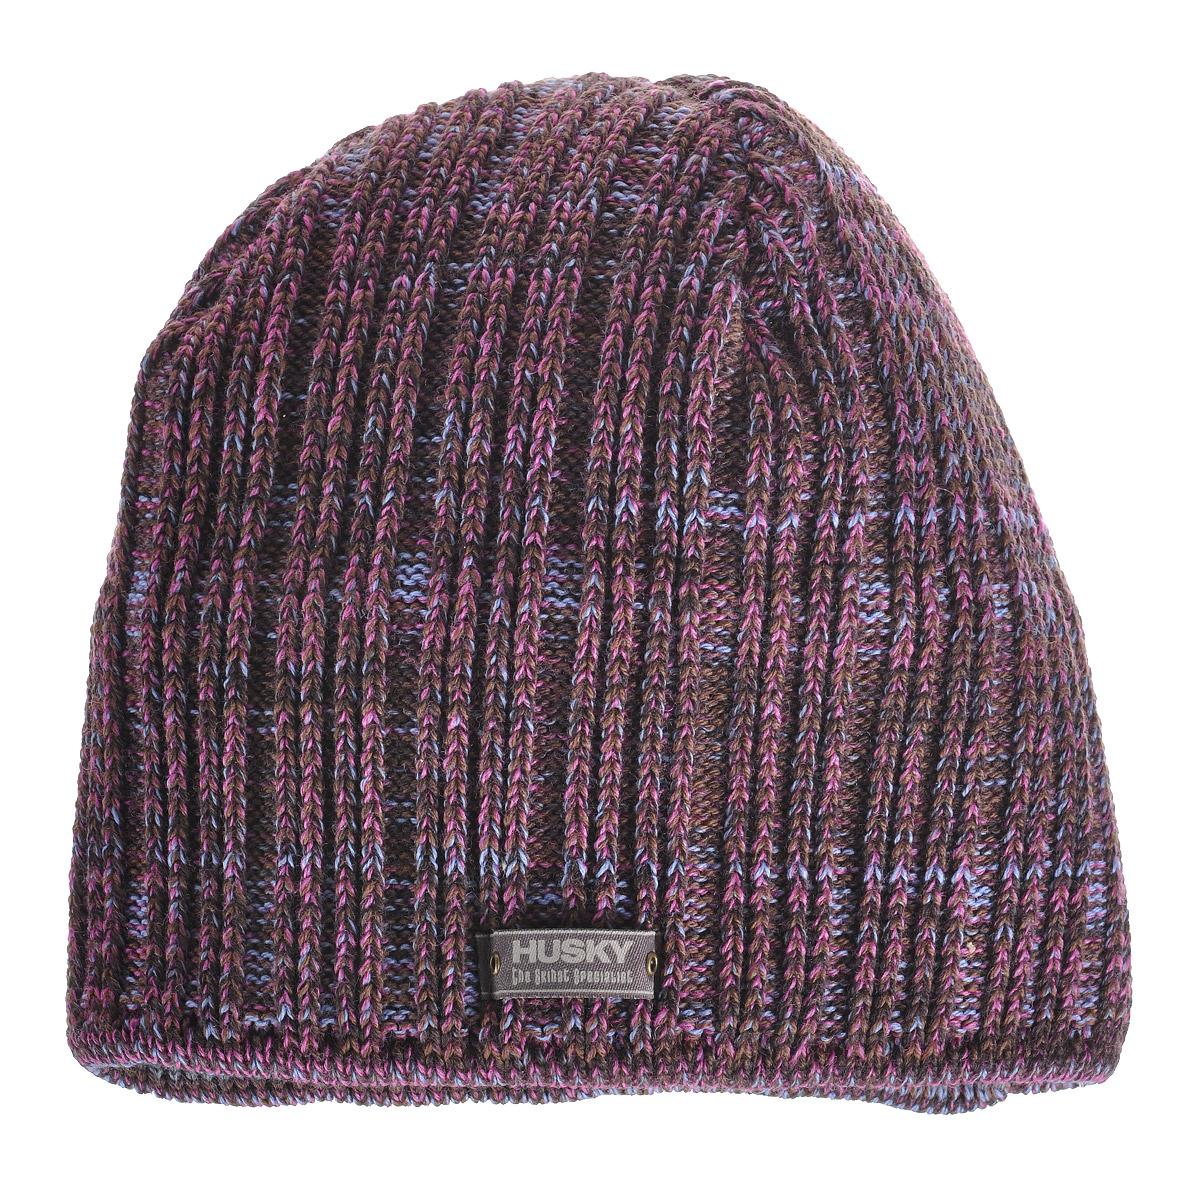 ШапкаOrionМужская шапка Husky Orion выполнена из шерсти. Шапка превосходно сохраняет тепло, не вызывает аллергии, обладает антибактериальными свойствами: предотвращает появление неприятного запаха. Шапка оформлена нашивкой с надписью Husky.